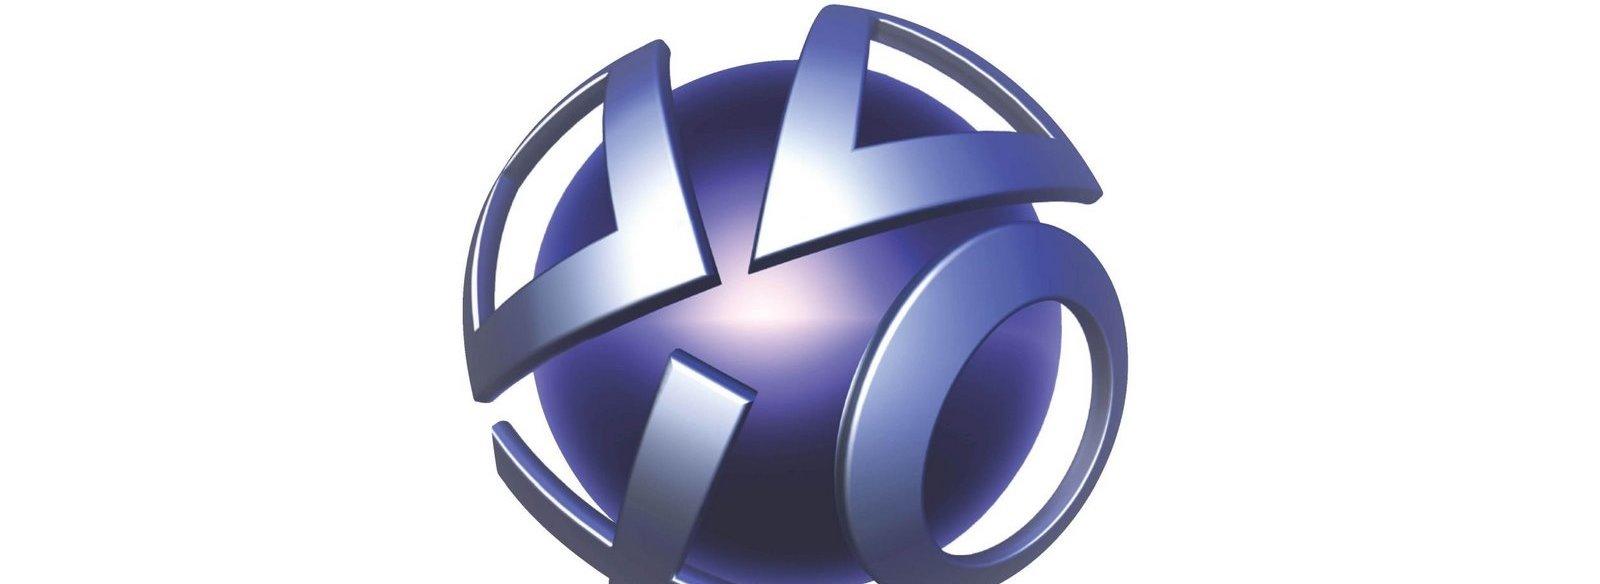 Playstation-nettverket vil være nede fra kl. 15 i dag og fram til kl. 4 på natten.